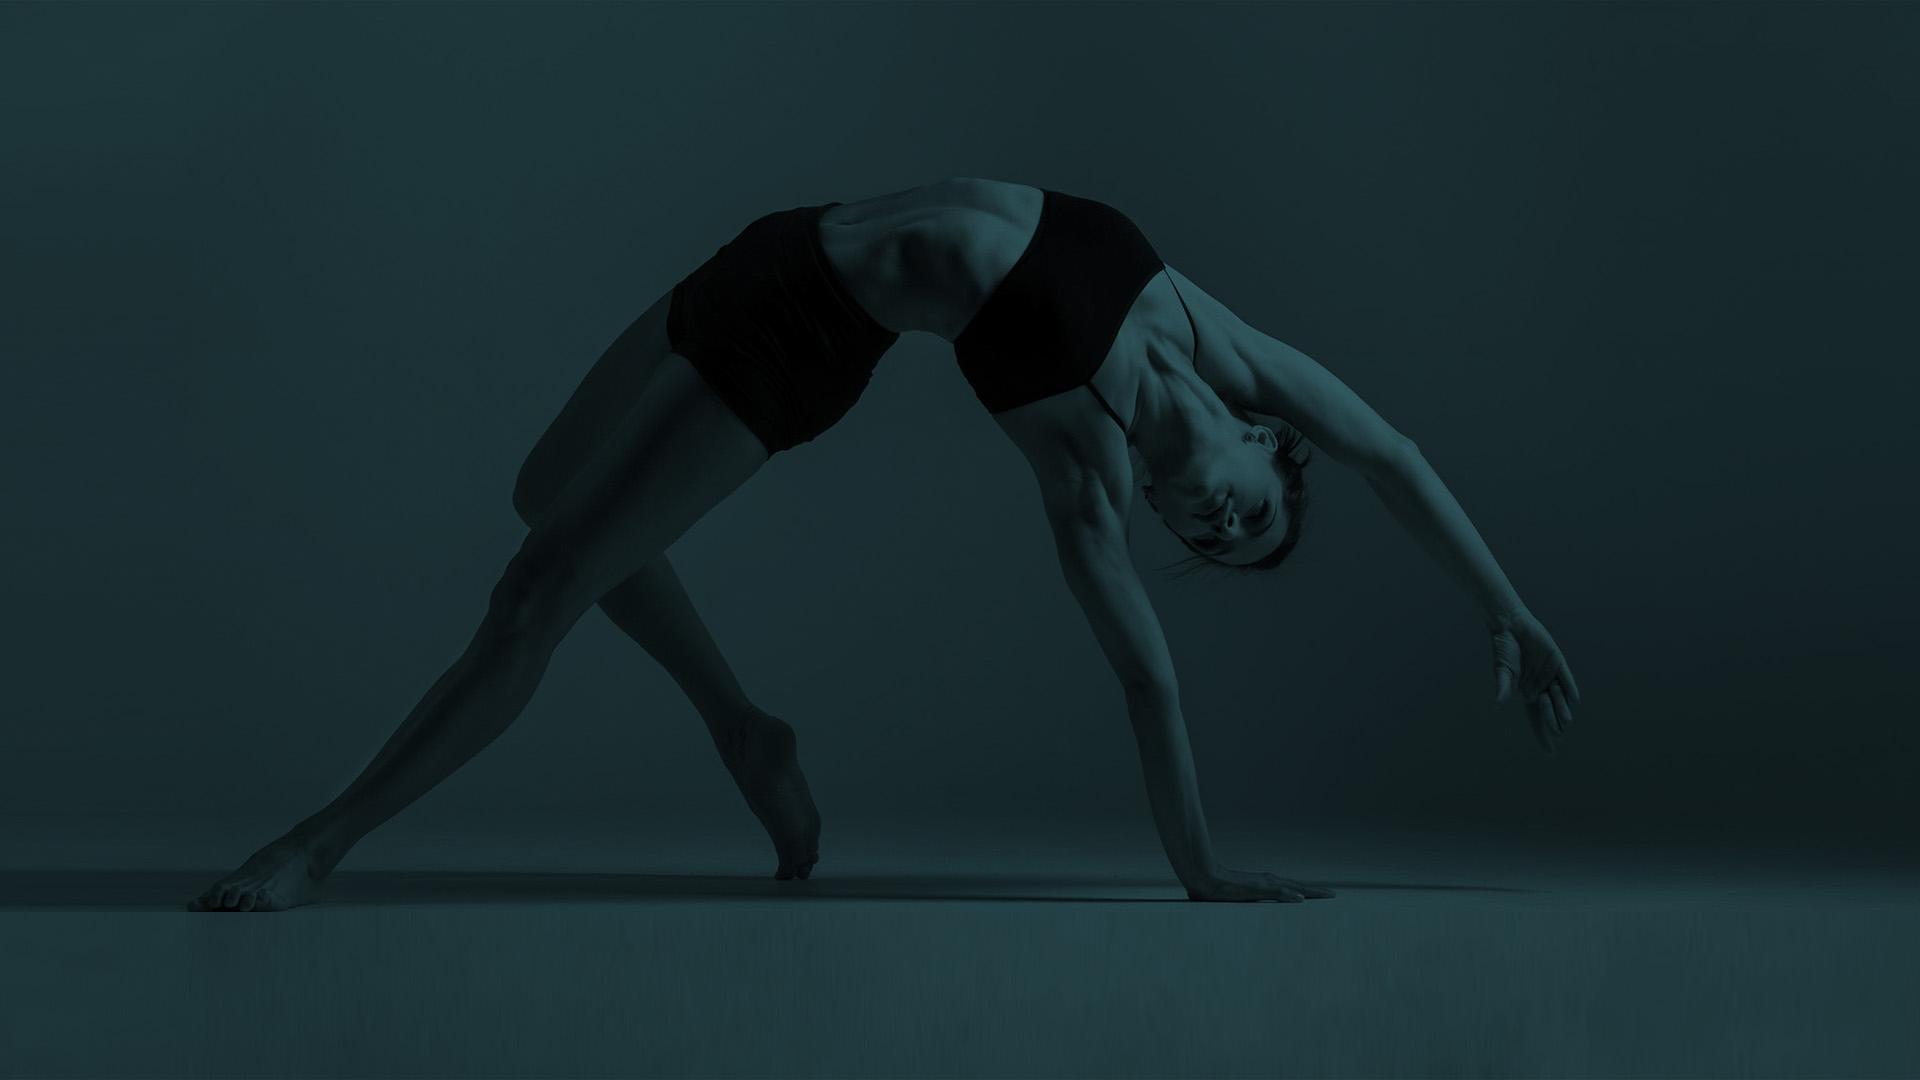 Δείτε το επερχόμενο σεμινάριο: MP Yoga Trainer Basic Course ®